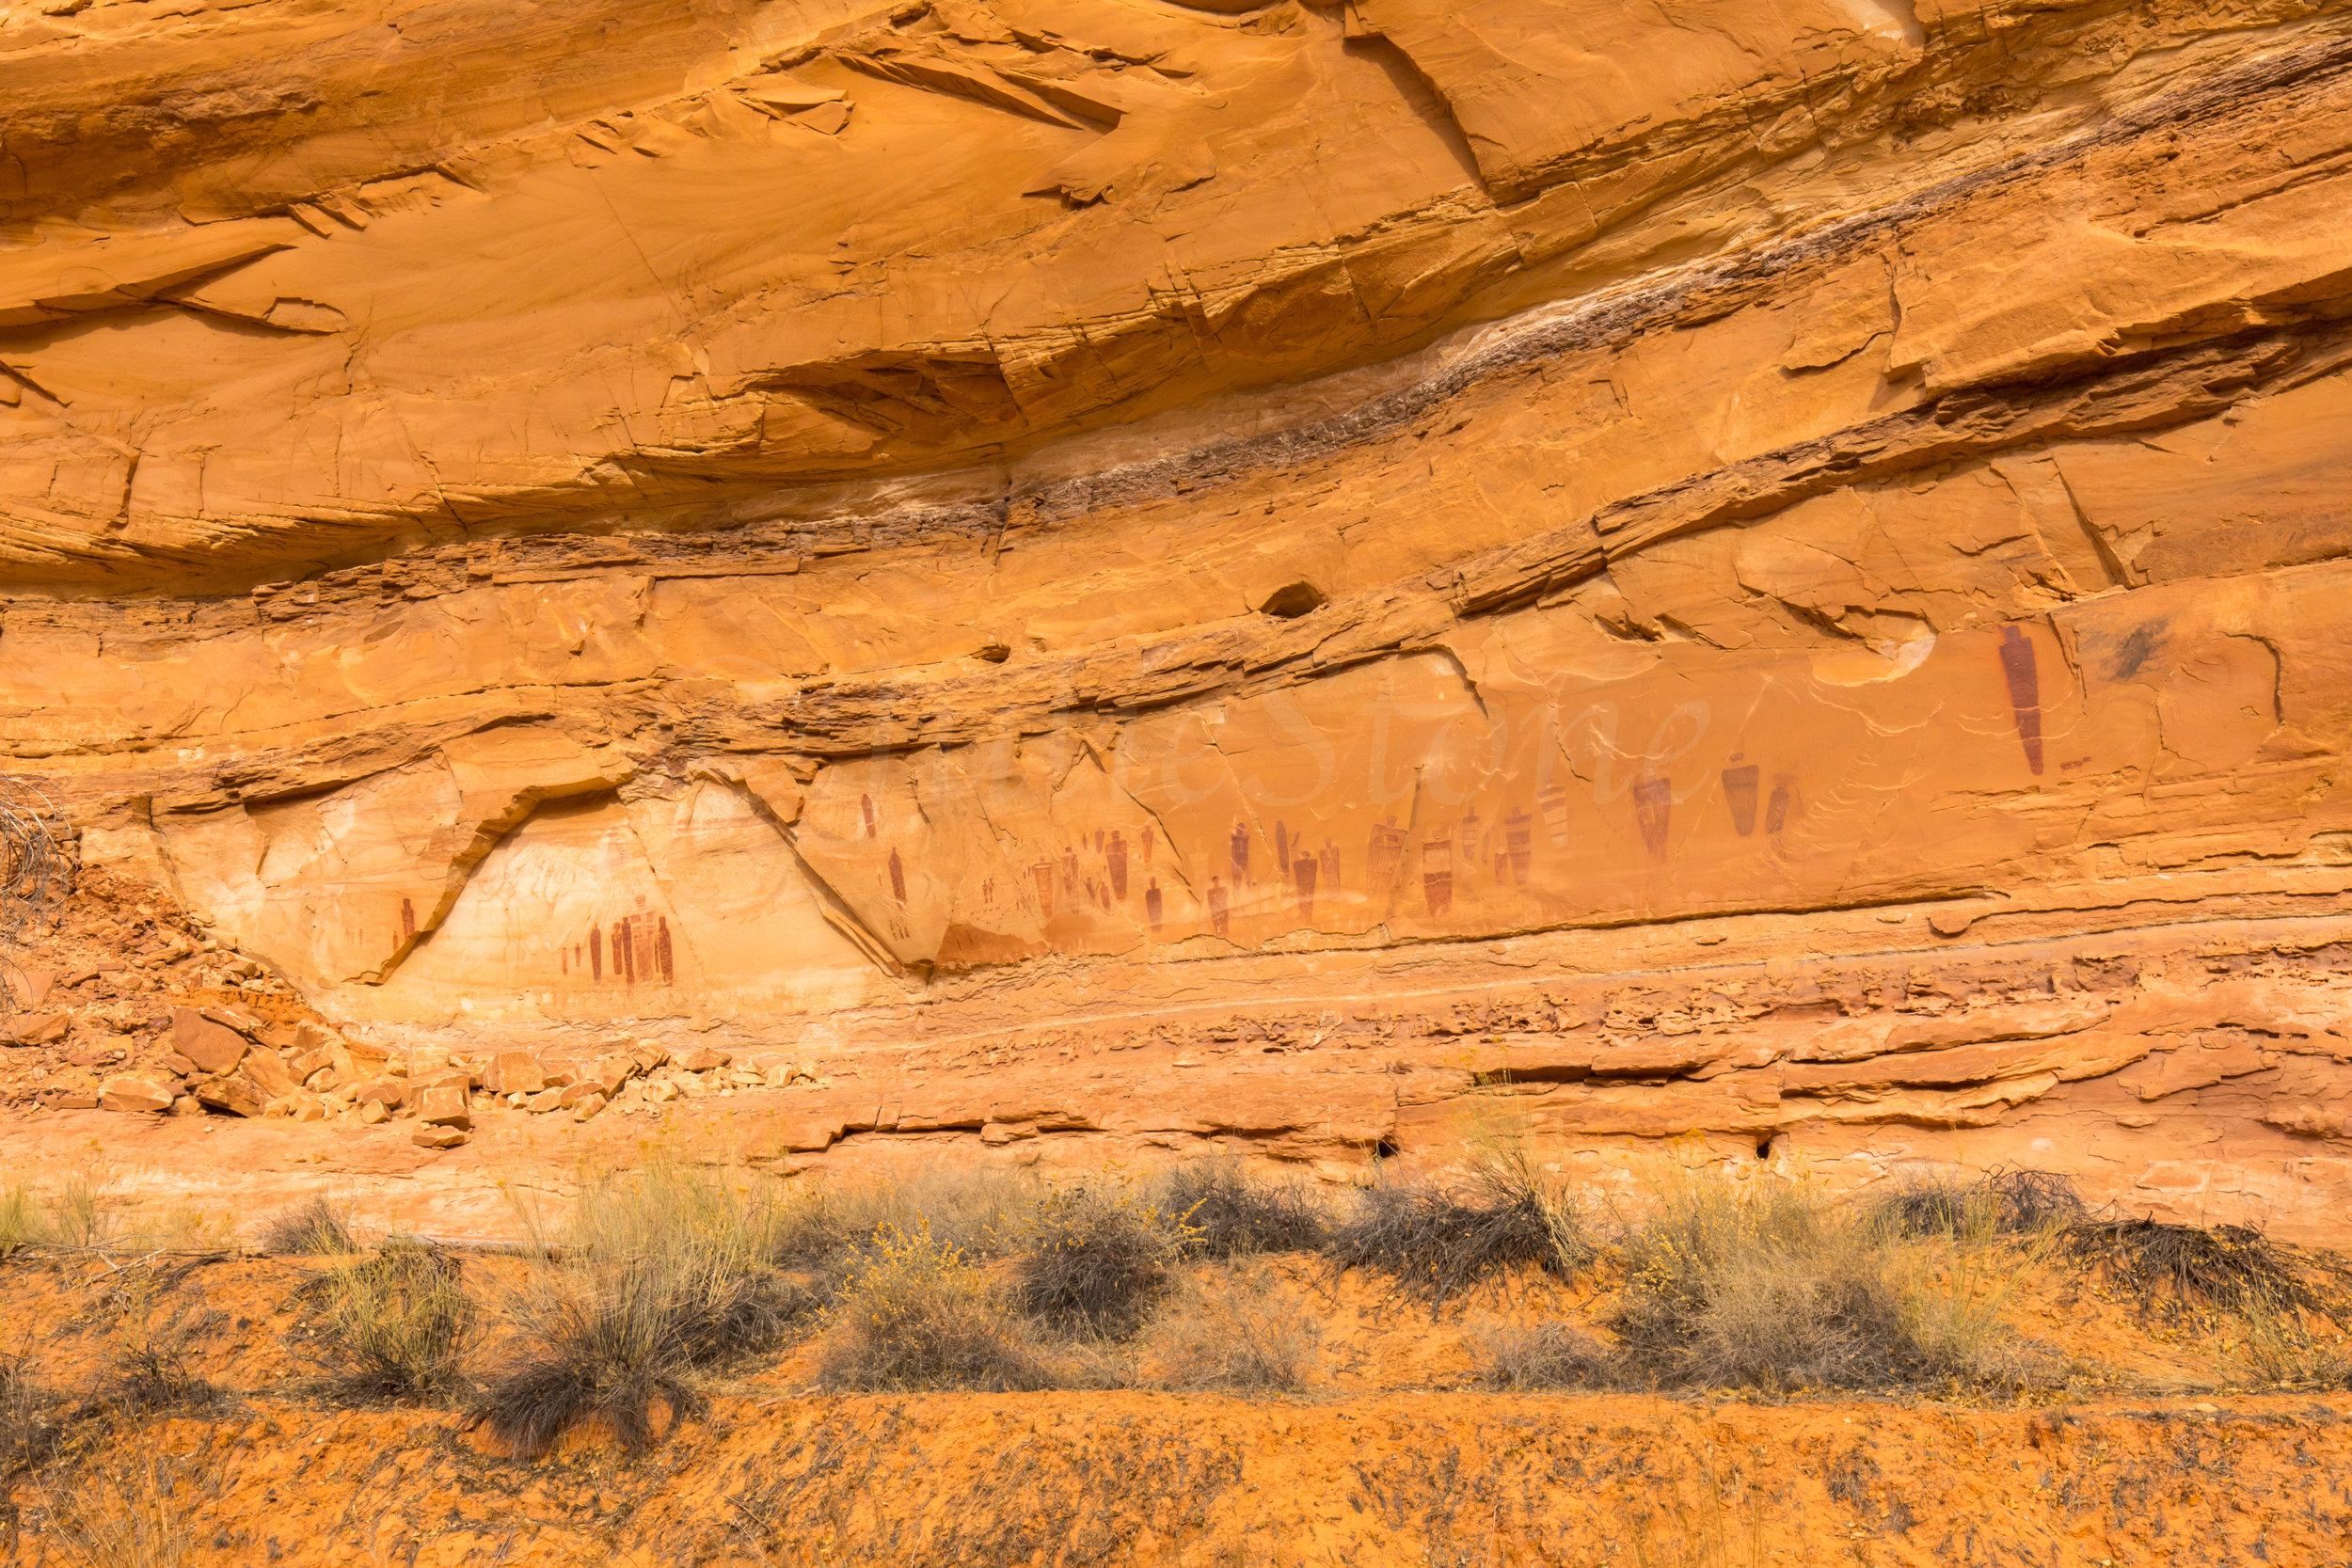 Horseshoe Canyon, Image # 8015